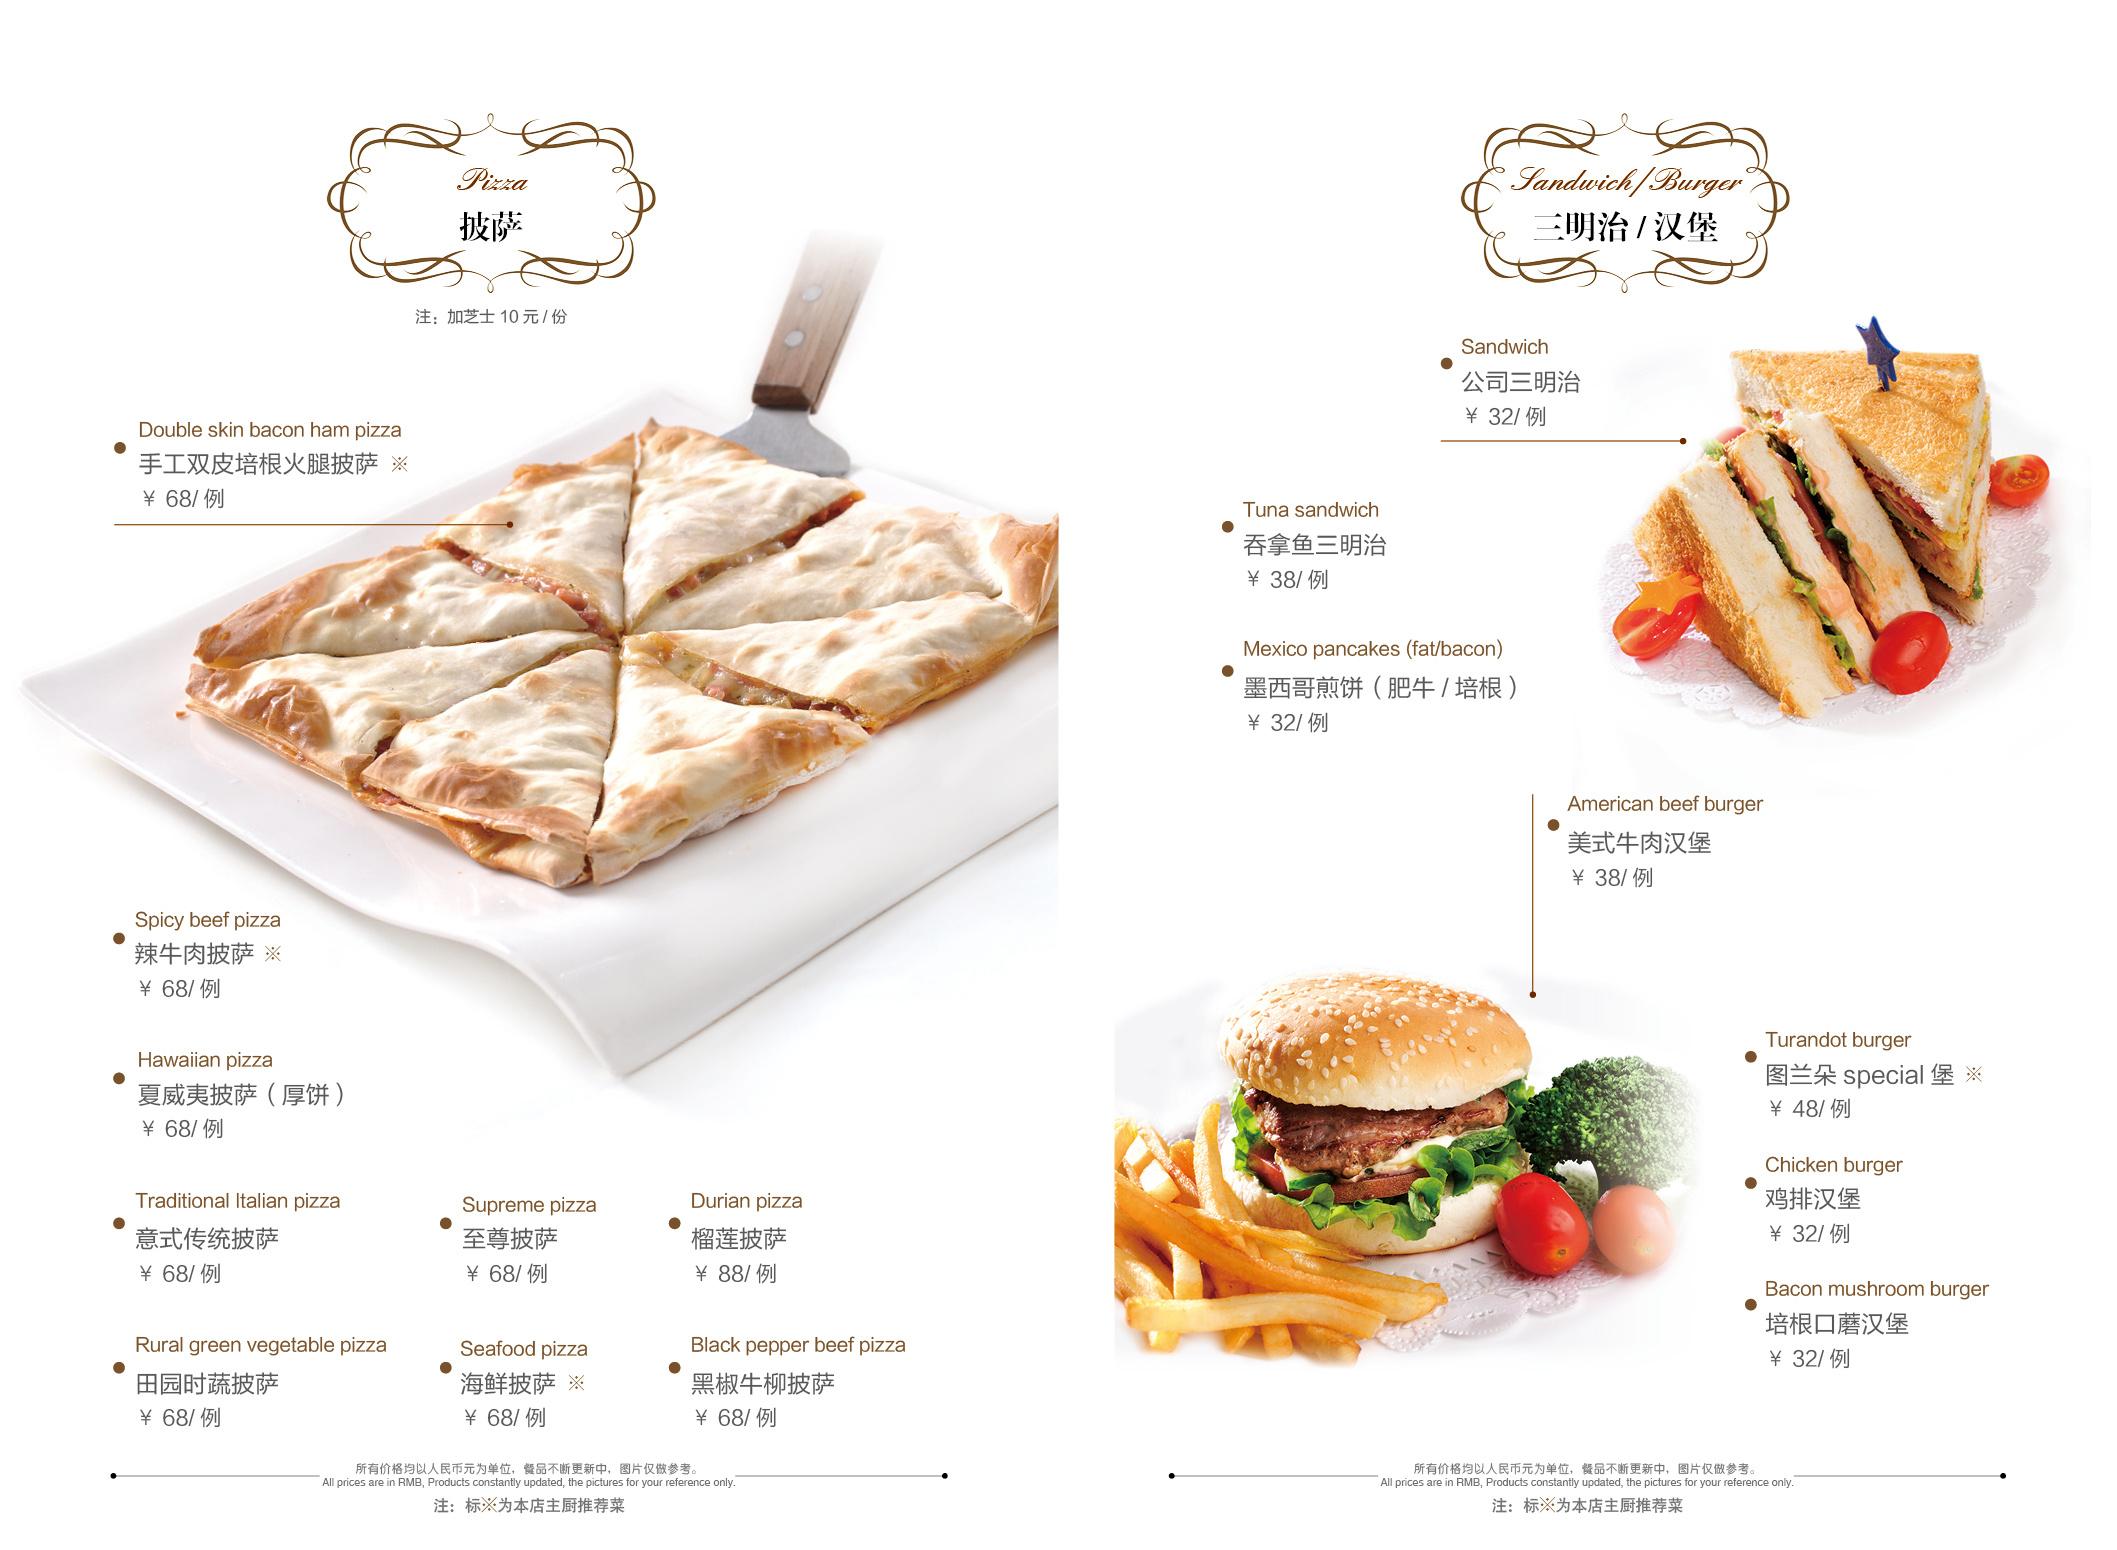 西餐怎么做法大全图解